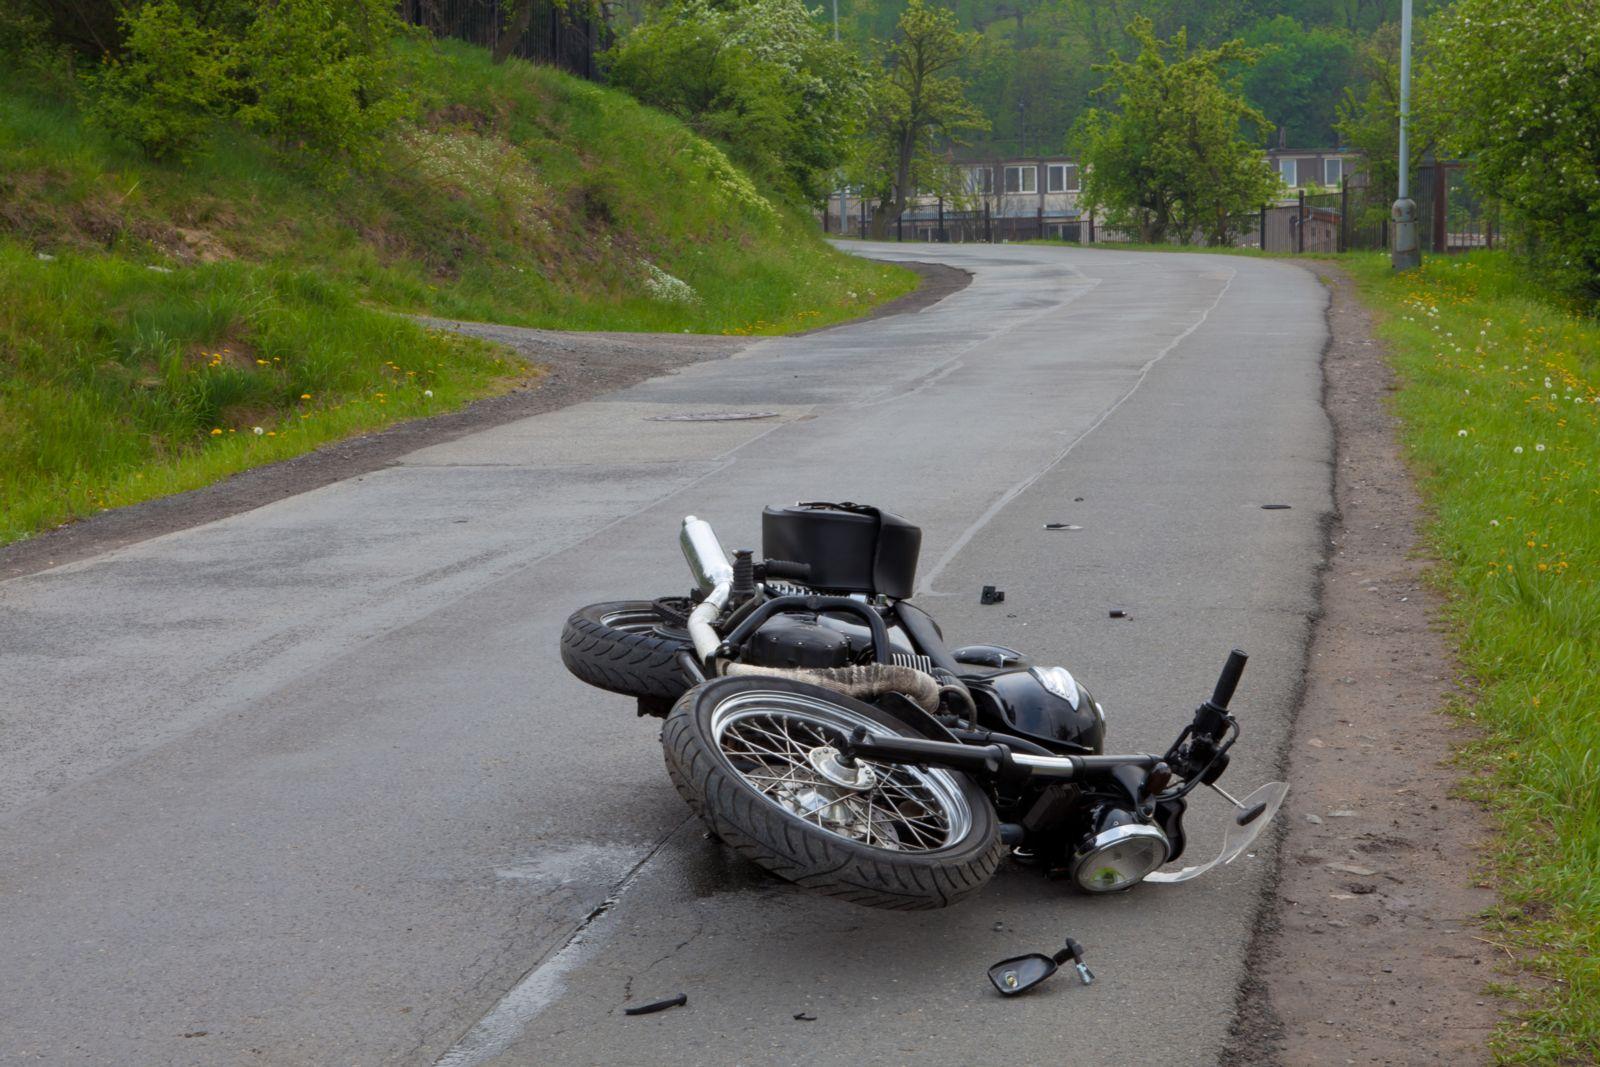 नारायणगढ–मुग्लिन सडकखण्डमा मोटरसाइकल दुर्घटना १ जनाको मृत्यु १ जना गम्भीर घाइते